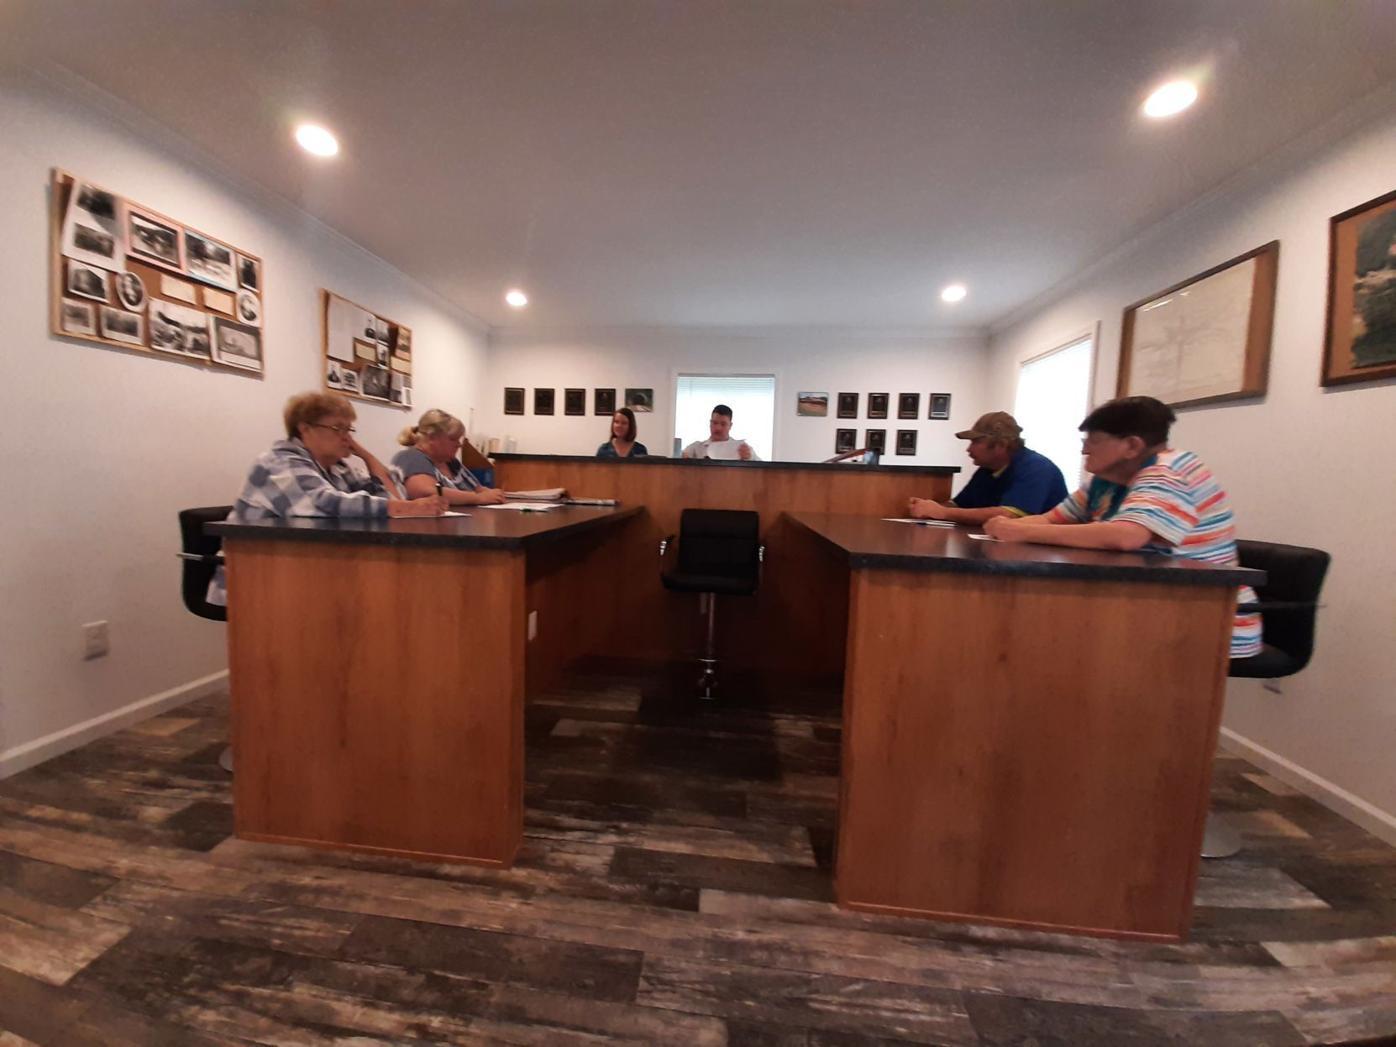 Tunnelton Council